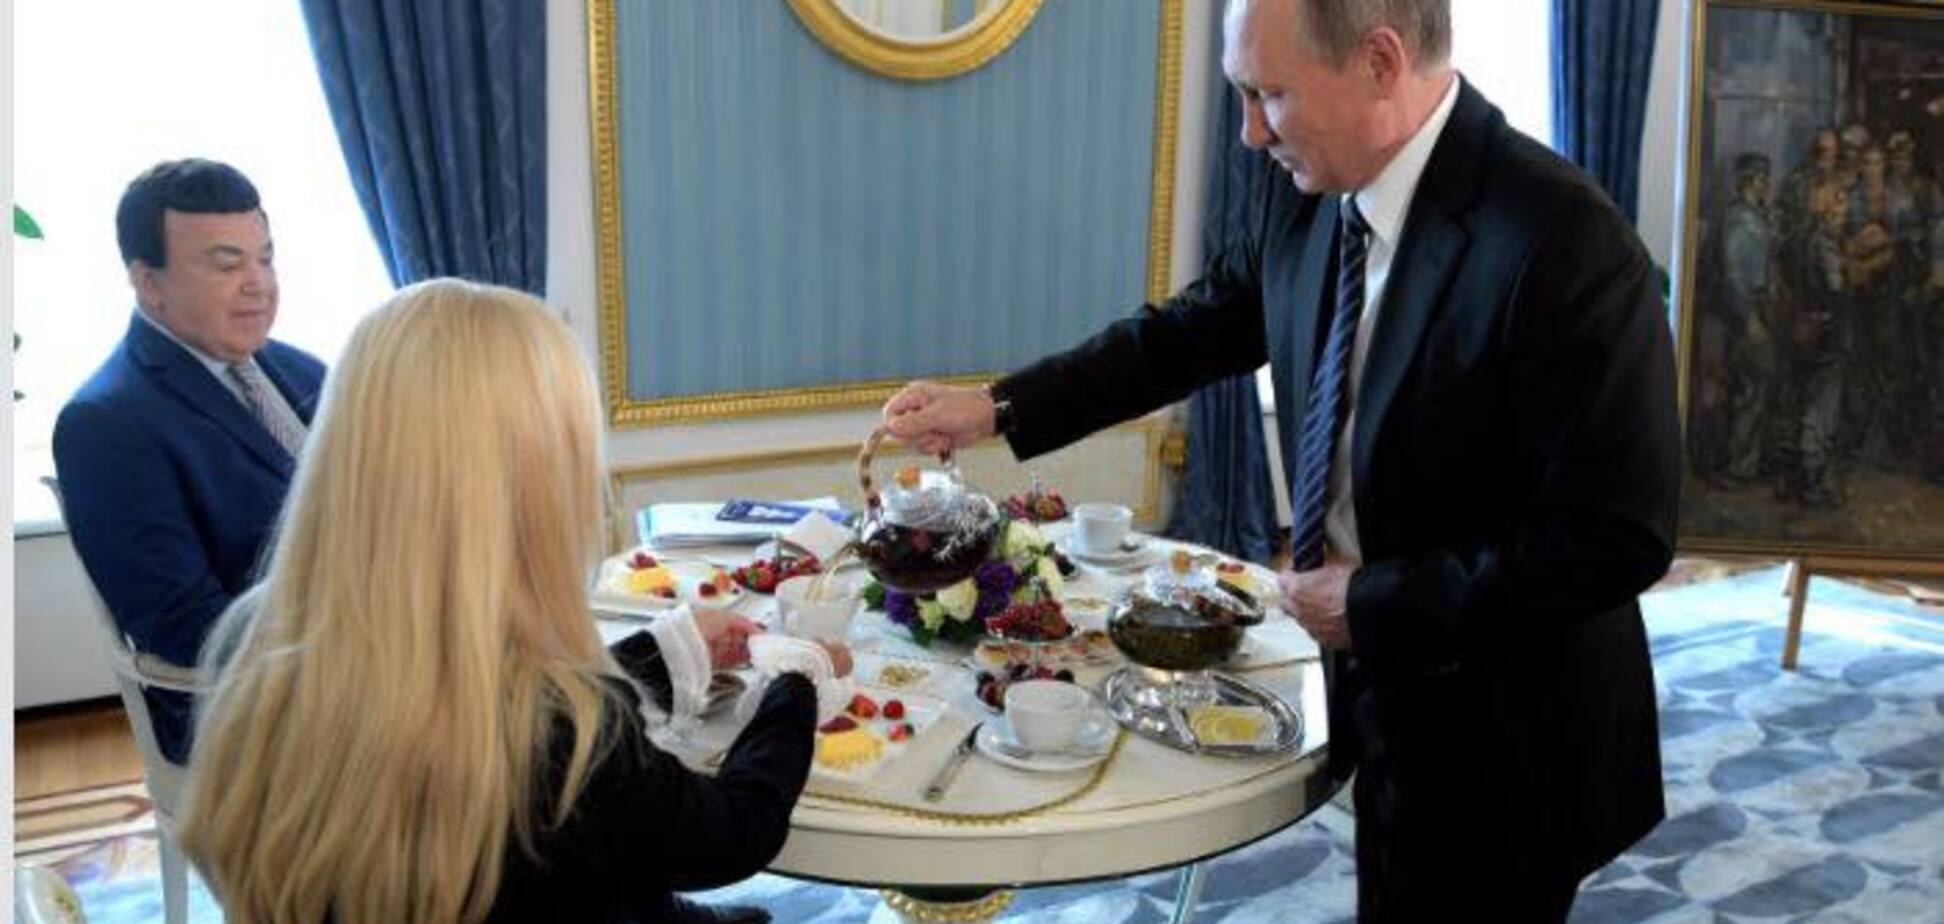 'Не хочу лякати, але ...' Чаювання Кобзона і Путіна спантеличило мережу